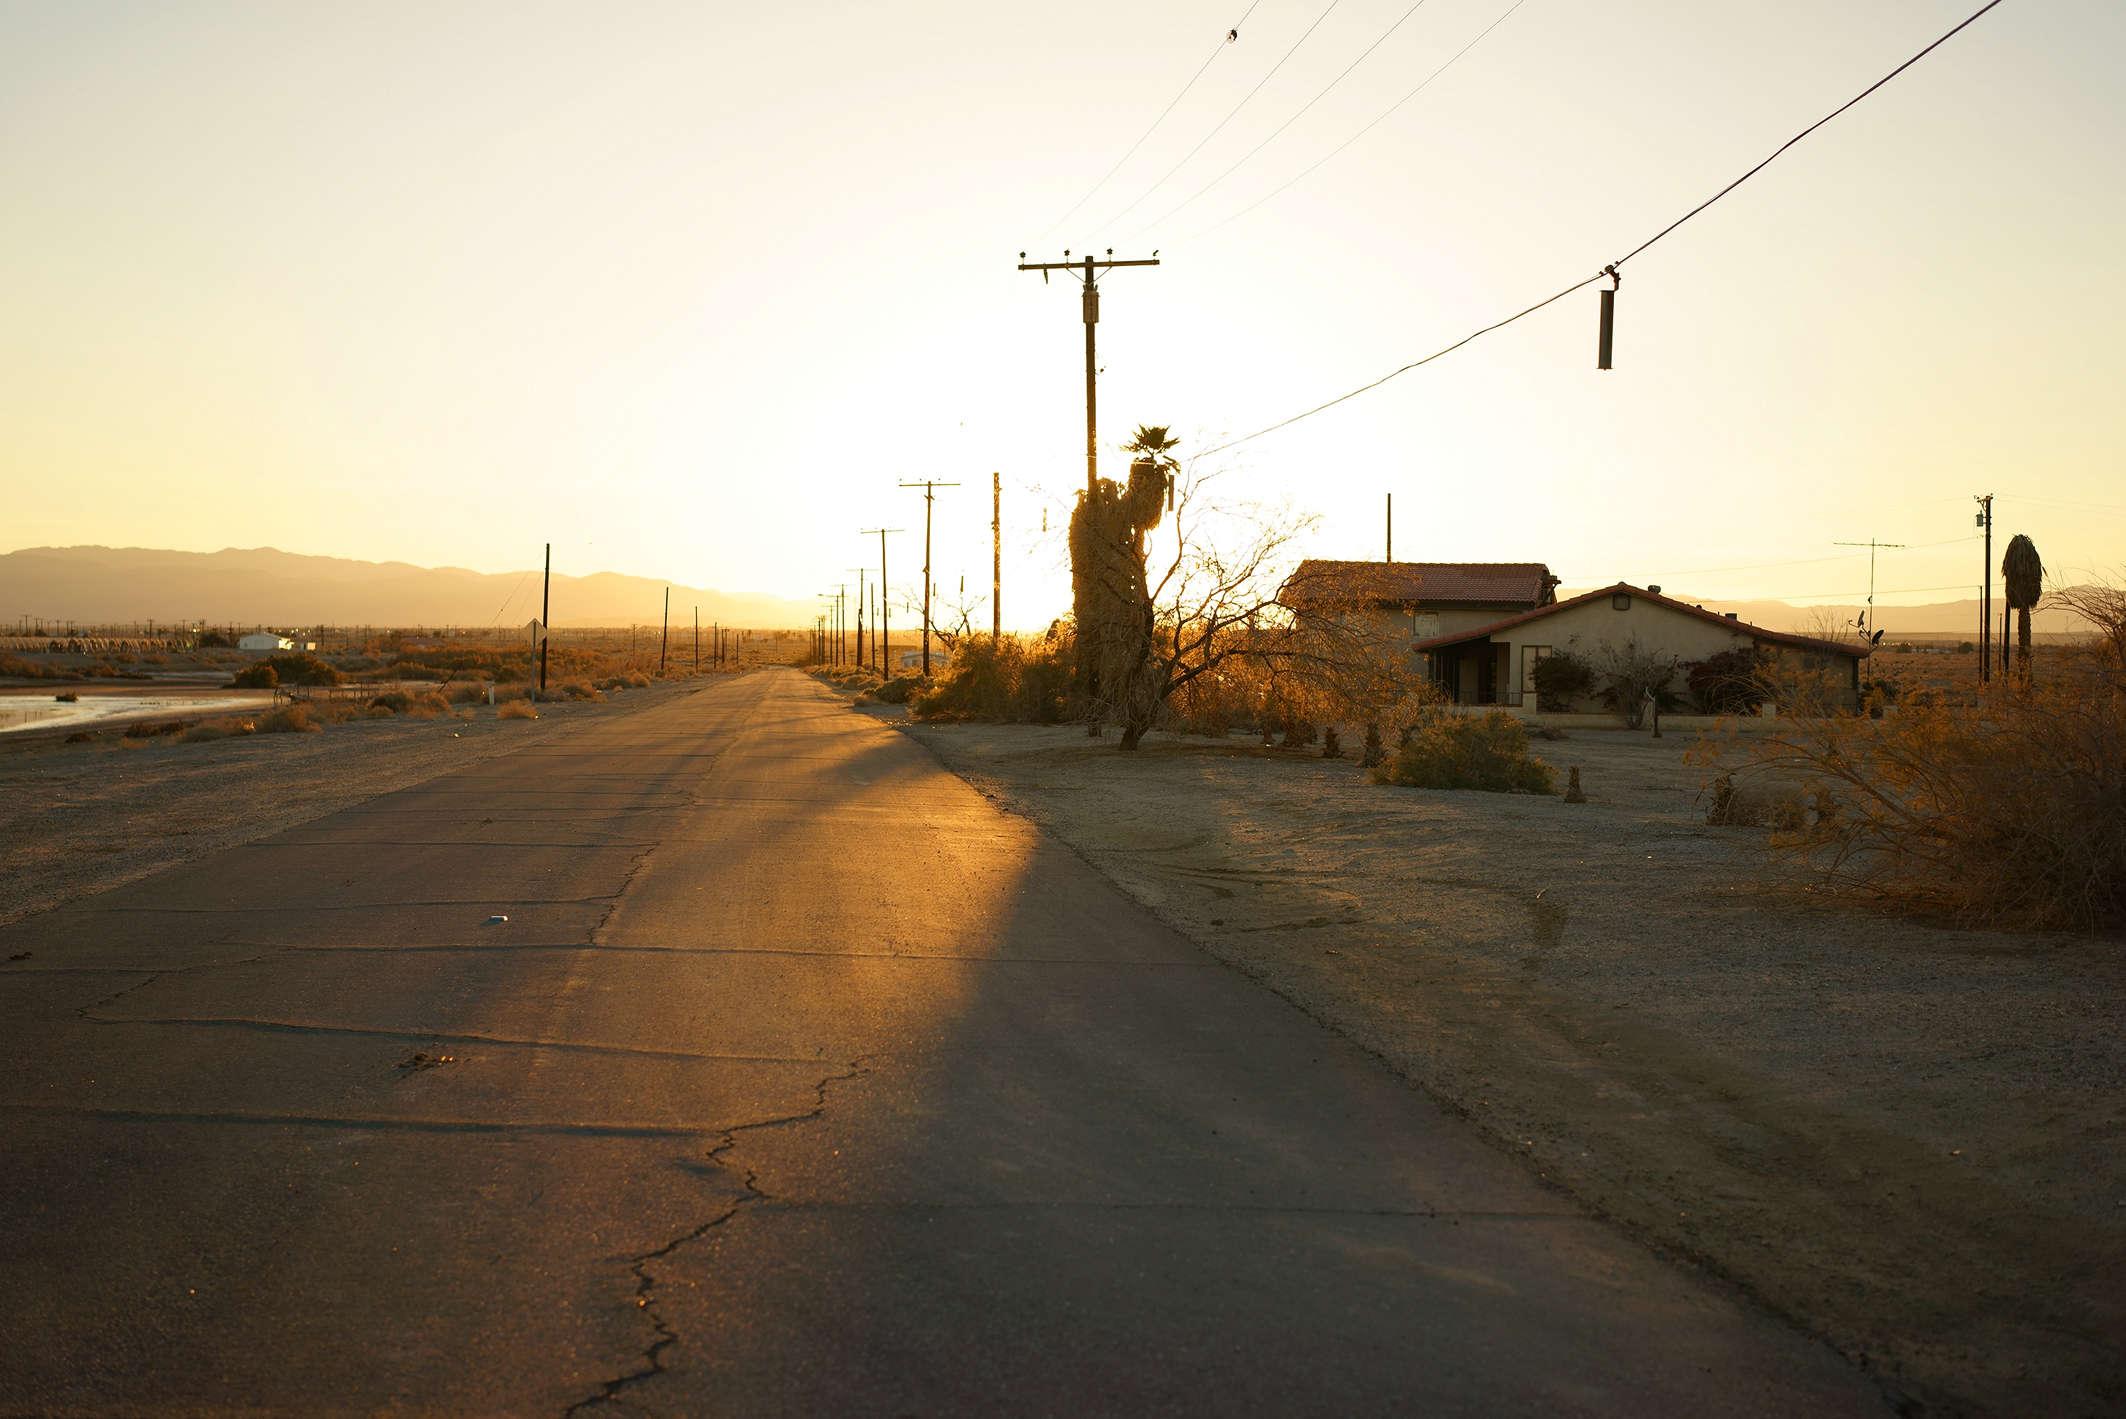 La plupart des habitants ont quitté les rives du lac. Mais si celui-ci continue de s'assécher, libérant les phosphates et pesticides contenus dans son fond, c'est un million et demi d'Américains qui devront fuir la vallée de Coachella.